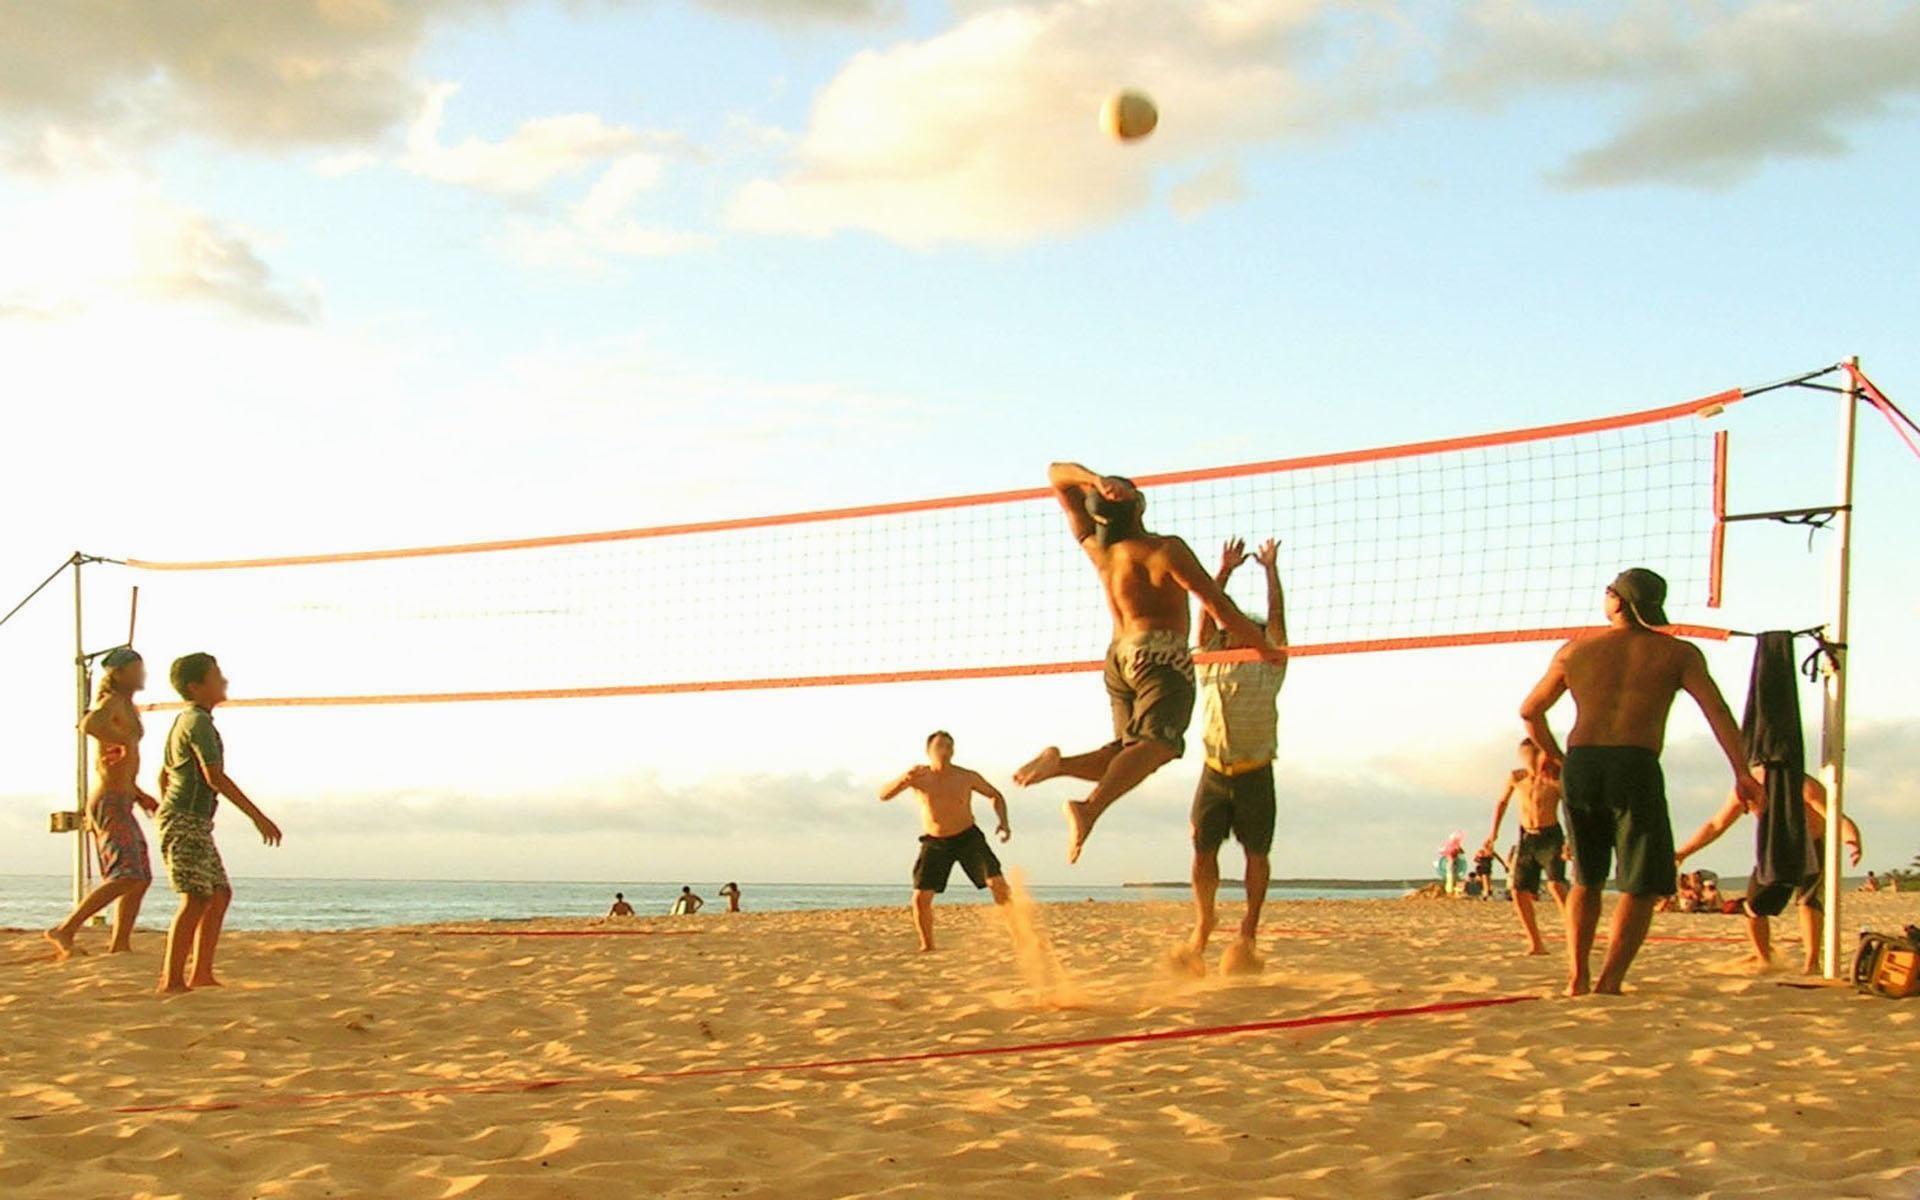 Beach-volleyball-summer-games-wallpapers-1920×1200